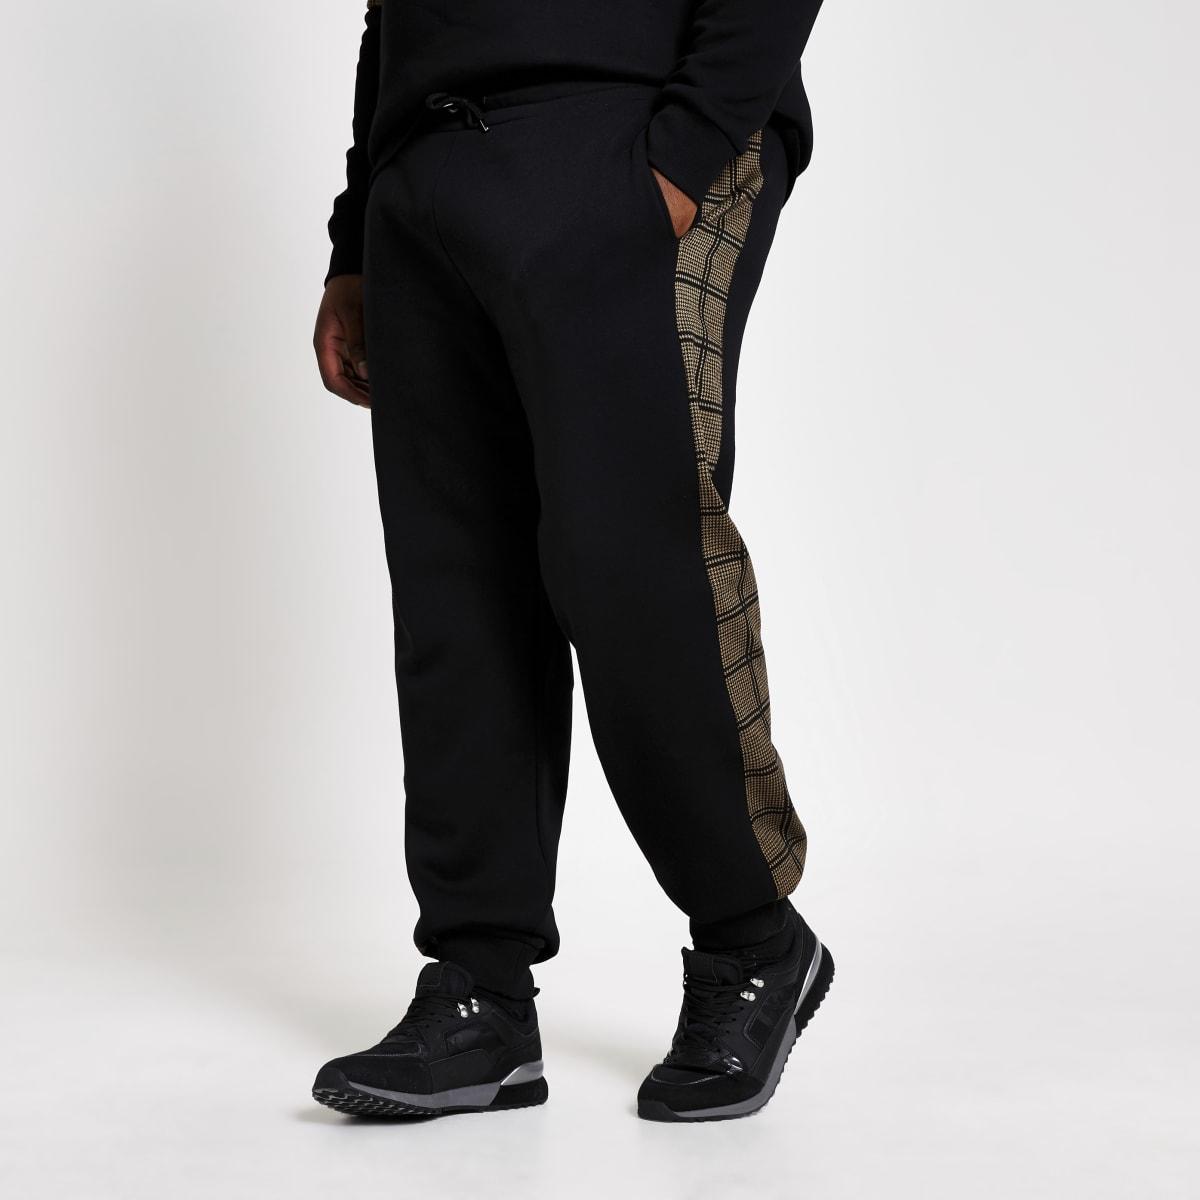 Big and Tall– Pantalon de jogging slim avec bande à carreaux sur lecôté